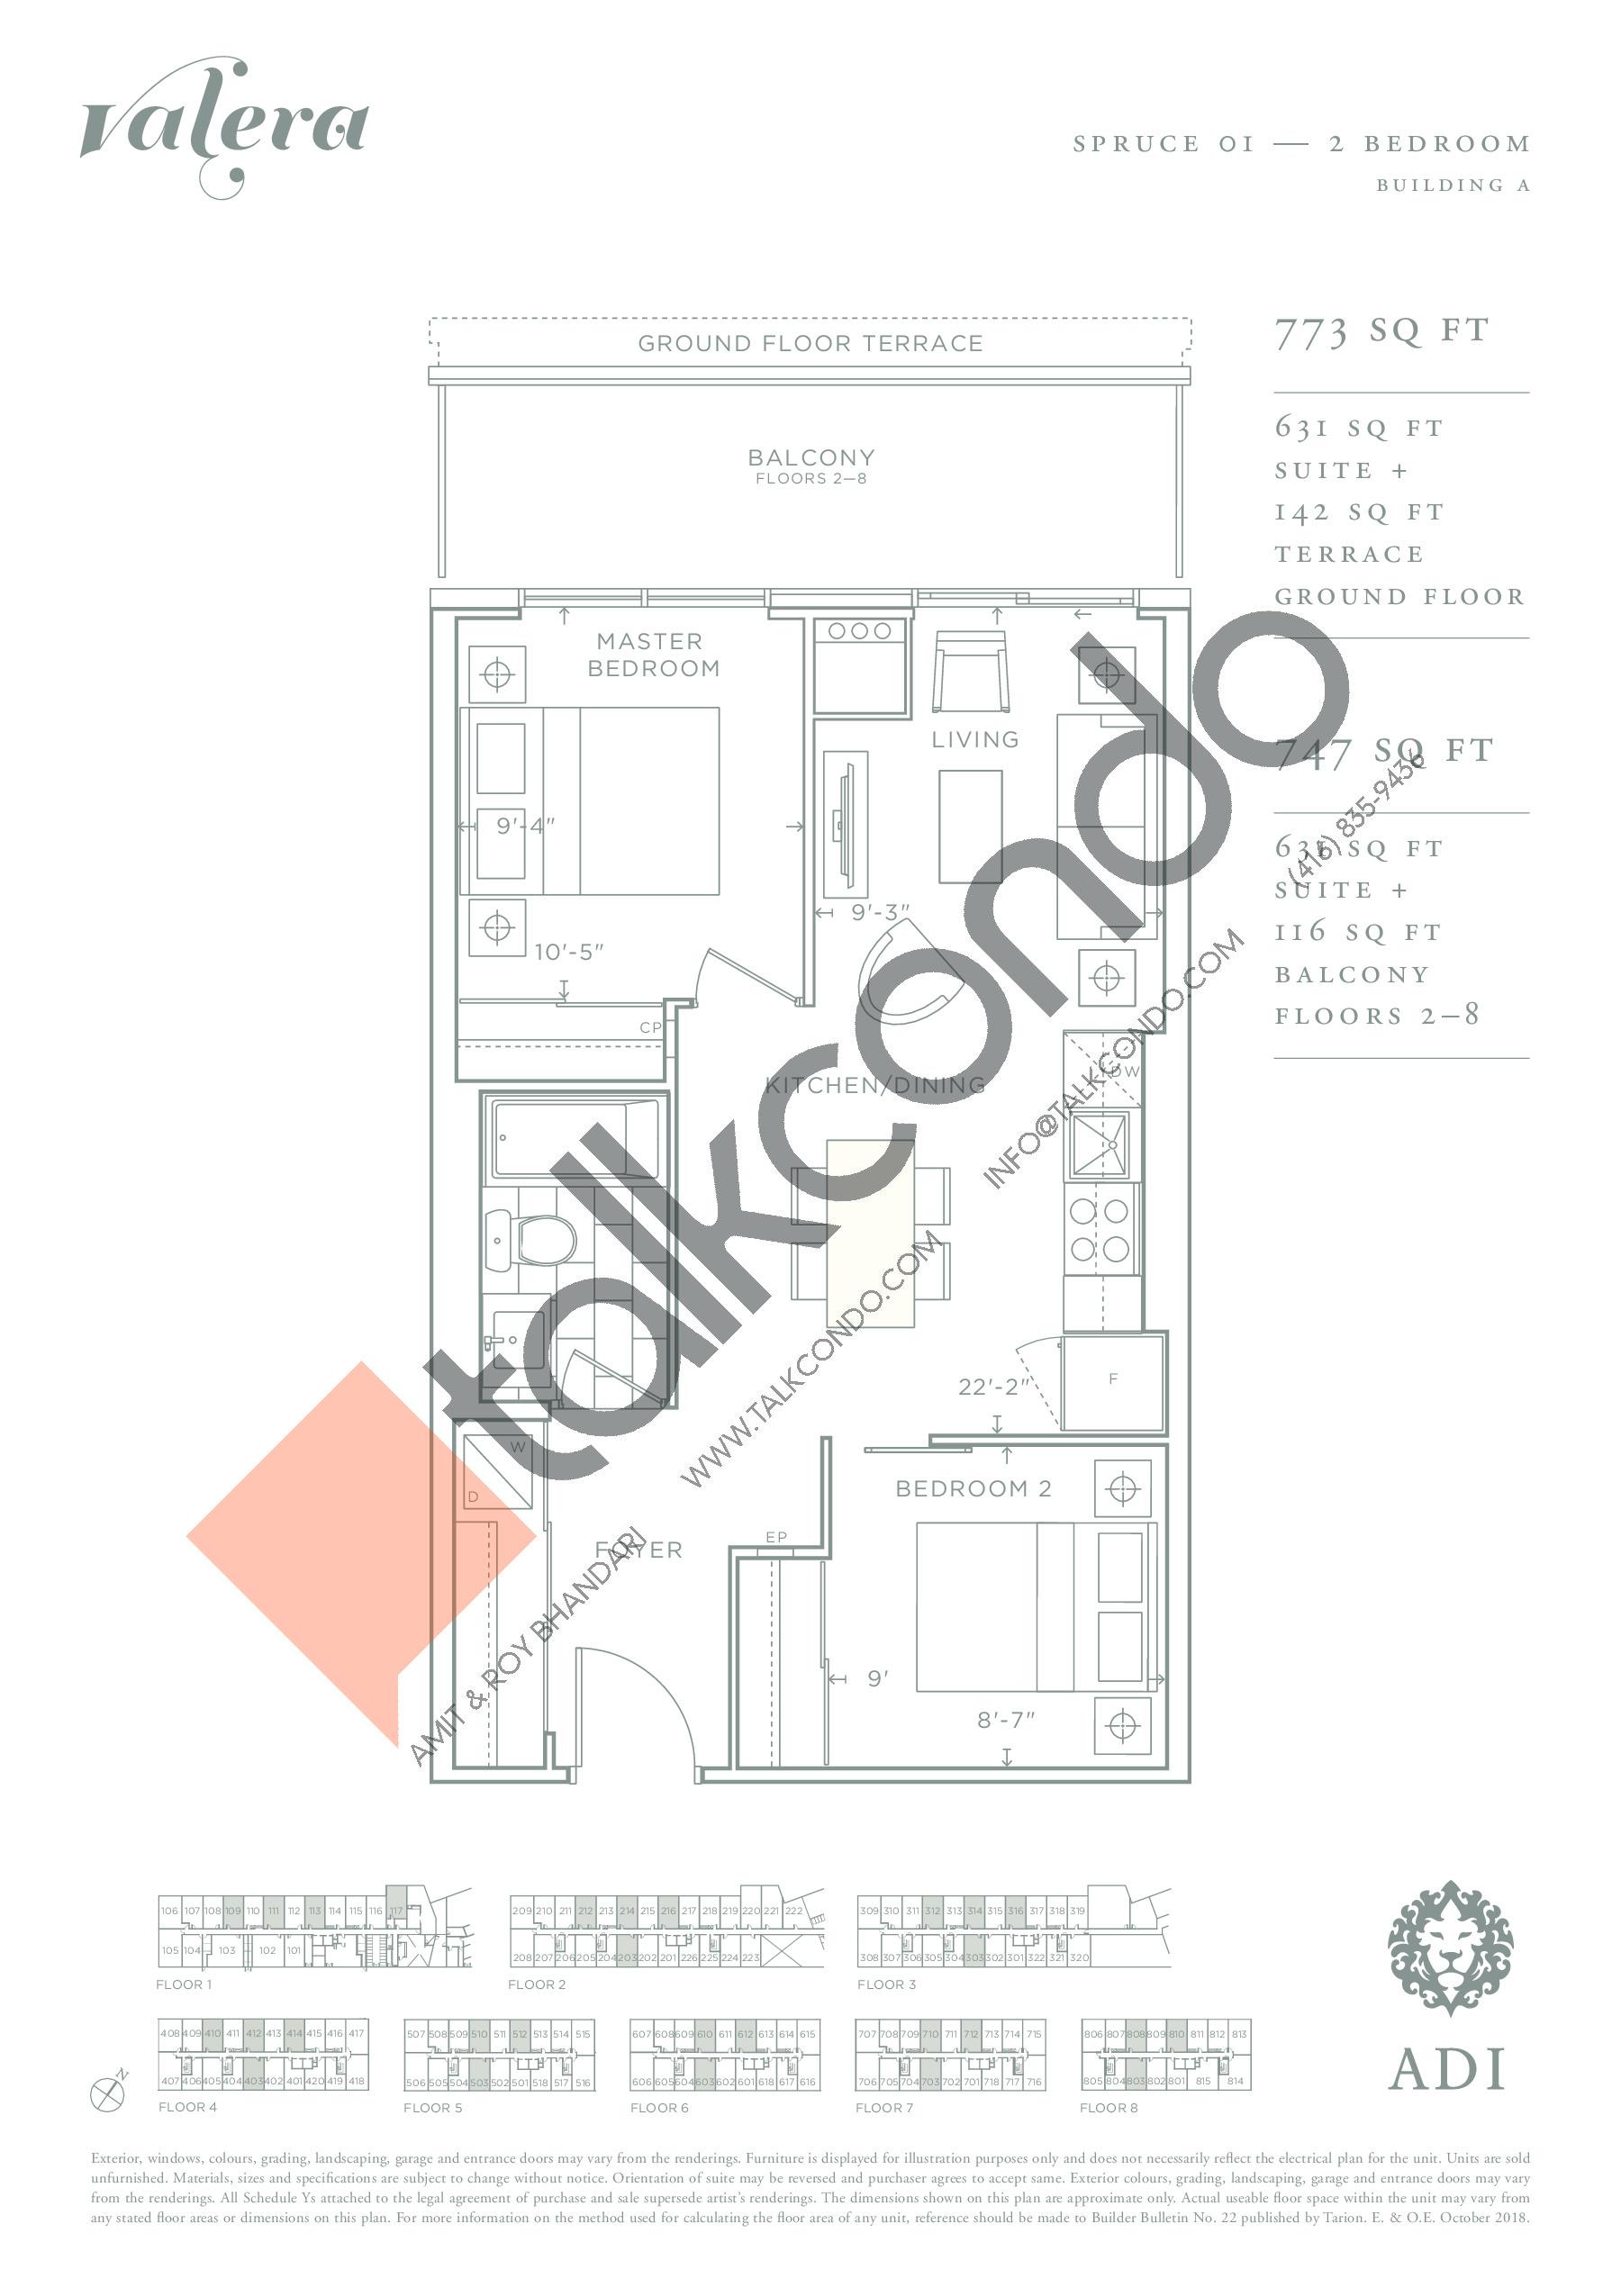 Spruce 01 Floor Plan at Valera Condos - 631 sq.ft